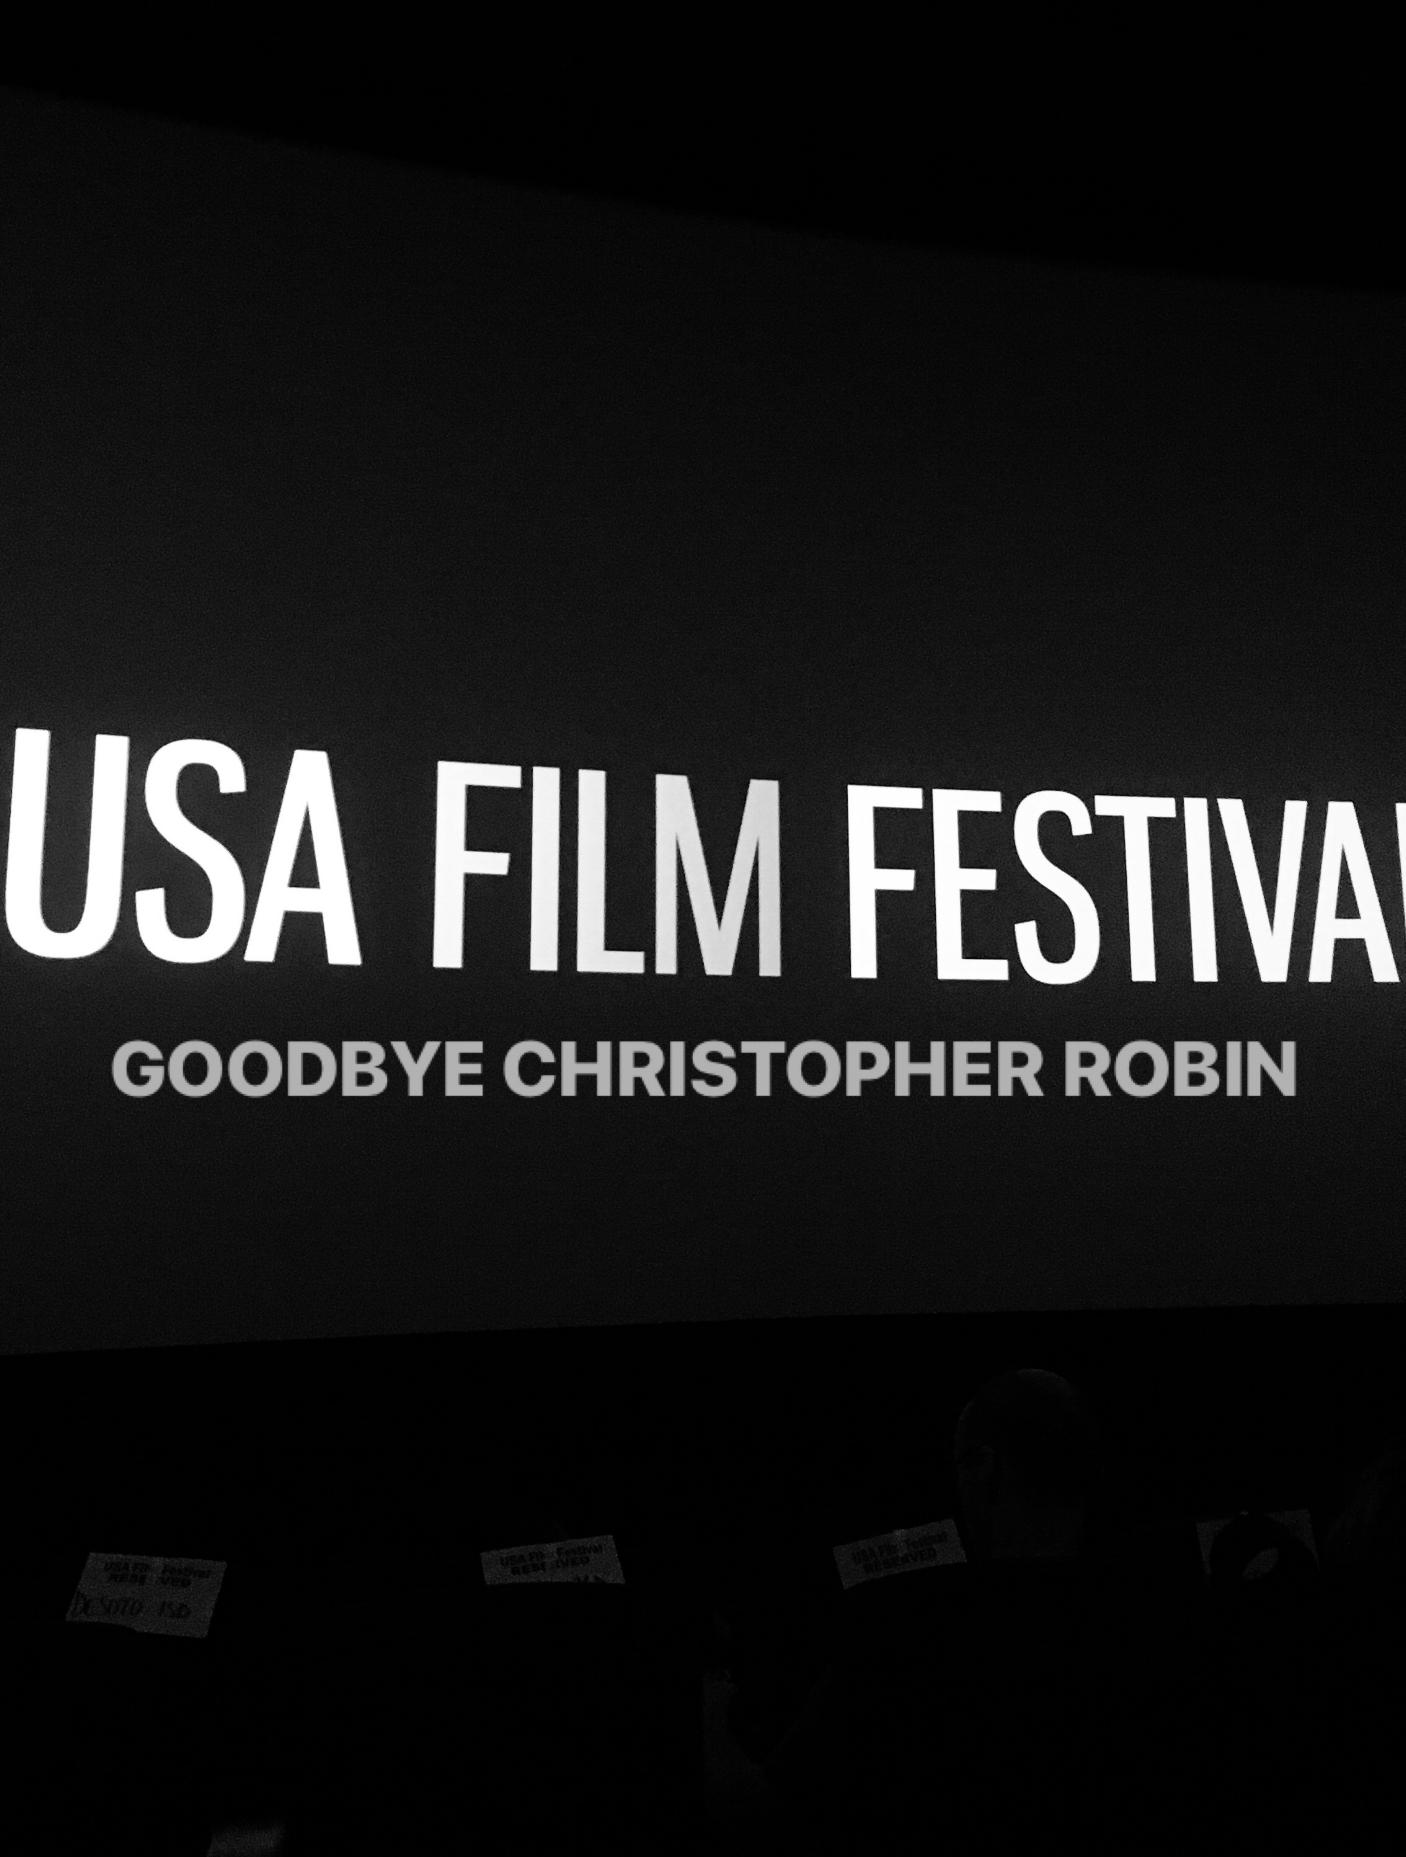 usa film festival movie premiere